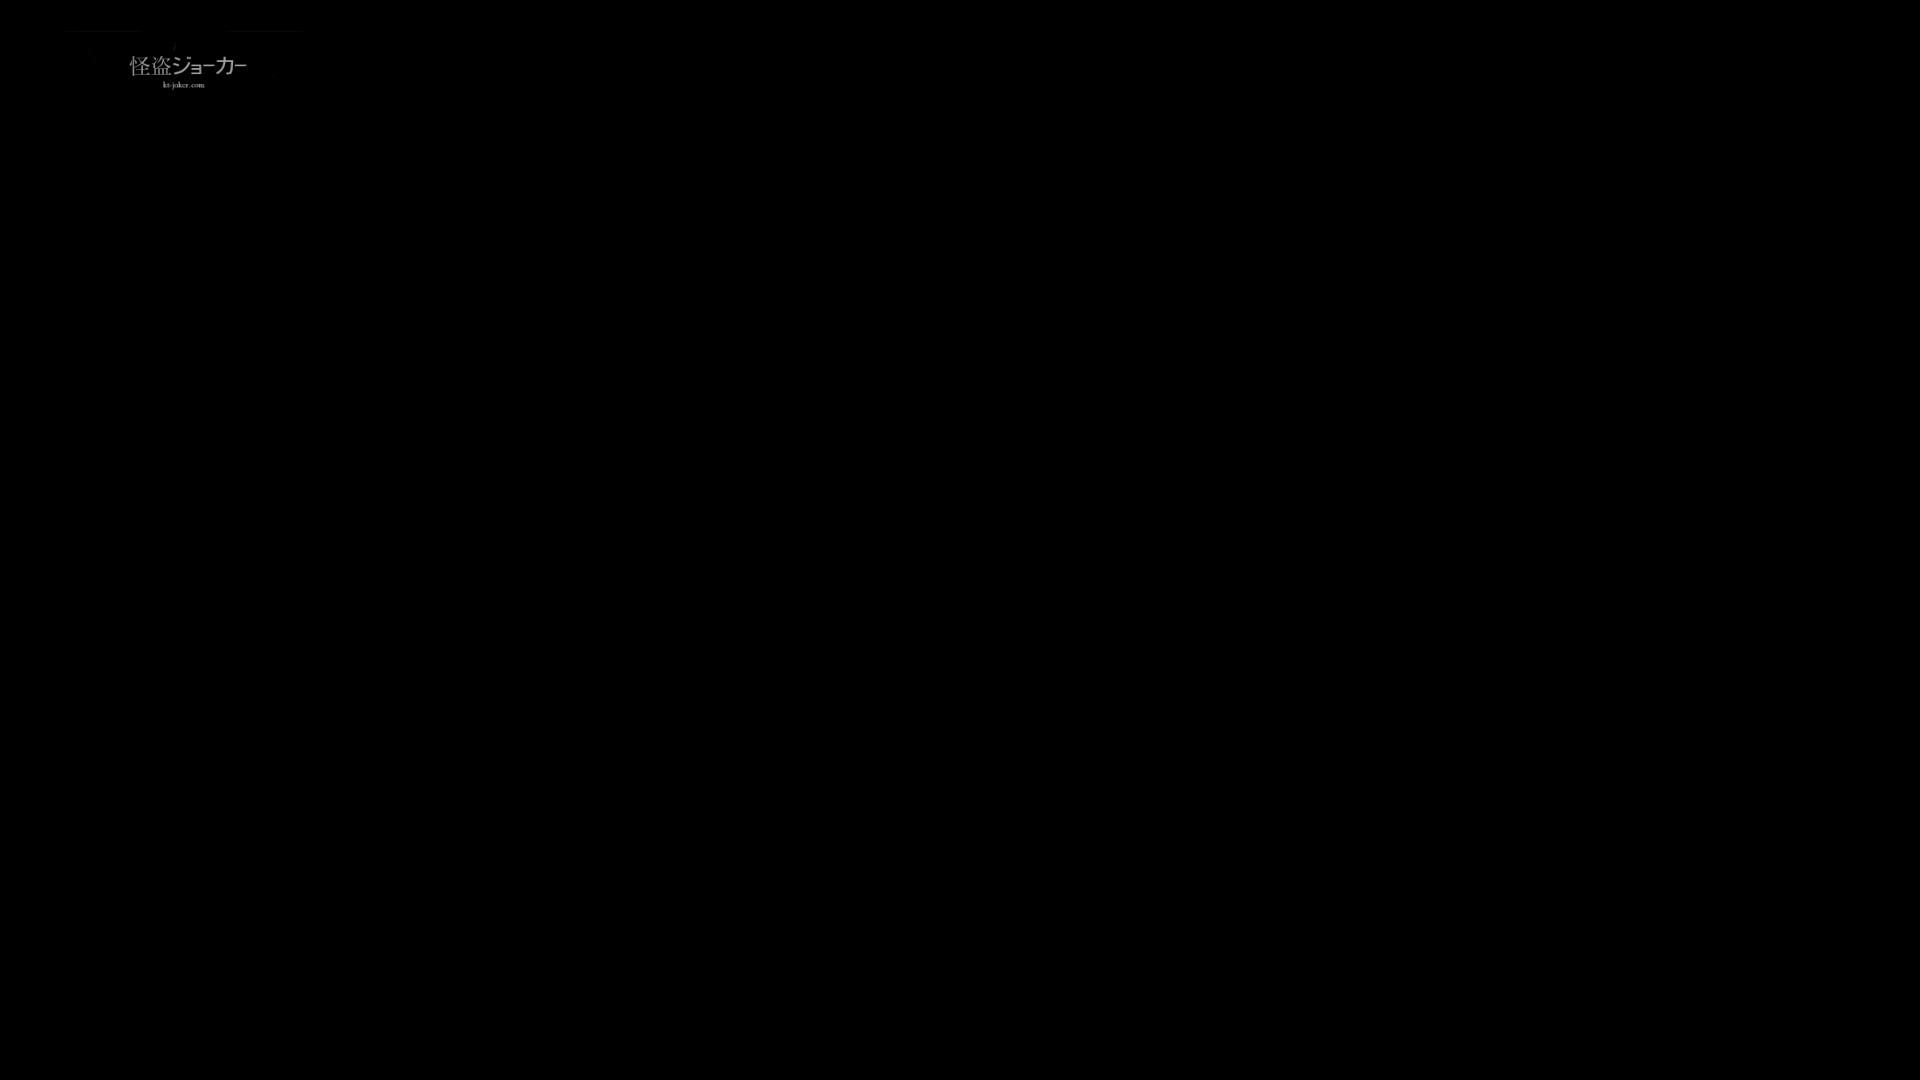 リアルインパクト盗撮~入浴編 Vol.01 ギャル盗撮映像 おまんこ無修正動画無料 54PIX 38